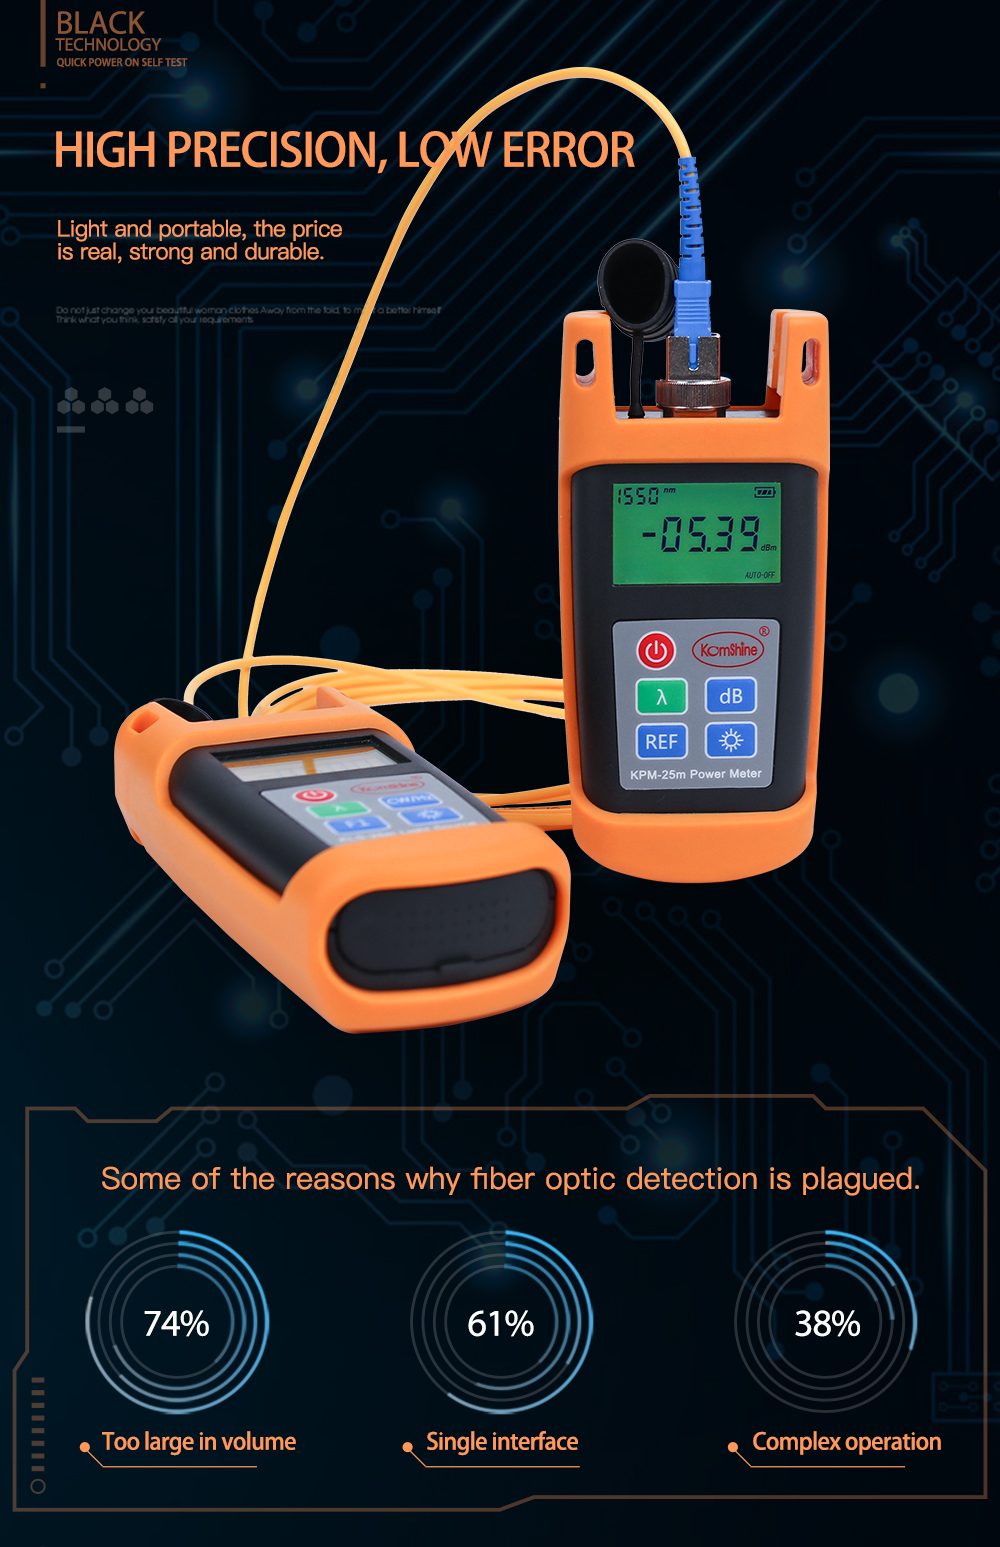 Komshine_KPM-25_Fiber_optical_power_meter_equal_to_EXFO_power_meter_12